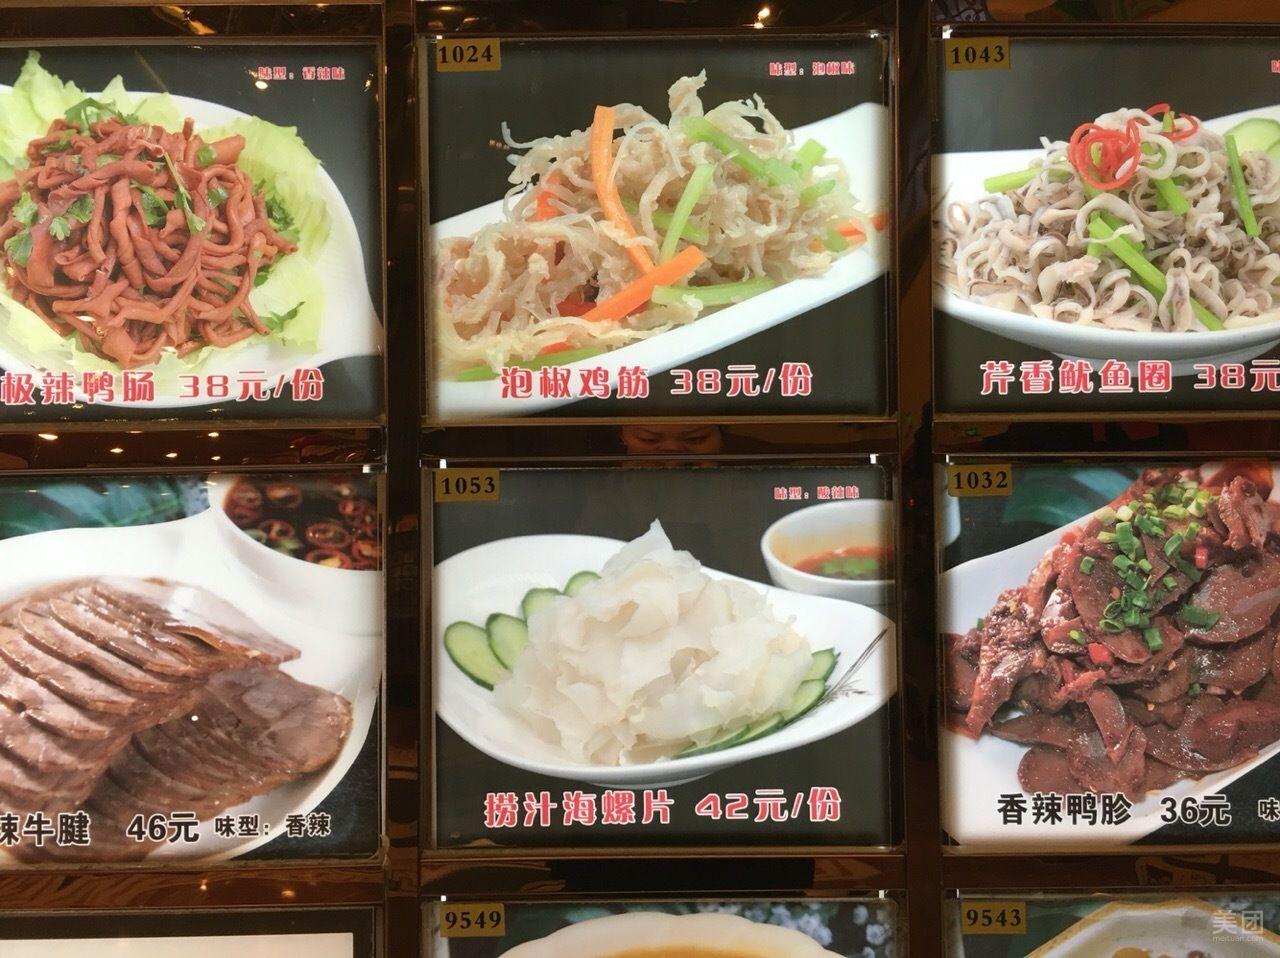 全聚德(准噶尔路店)西猪肉吃高地会怎样图片